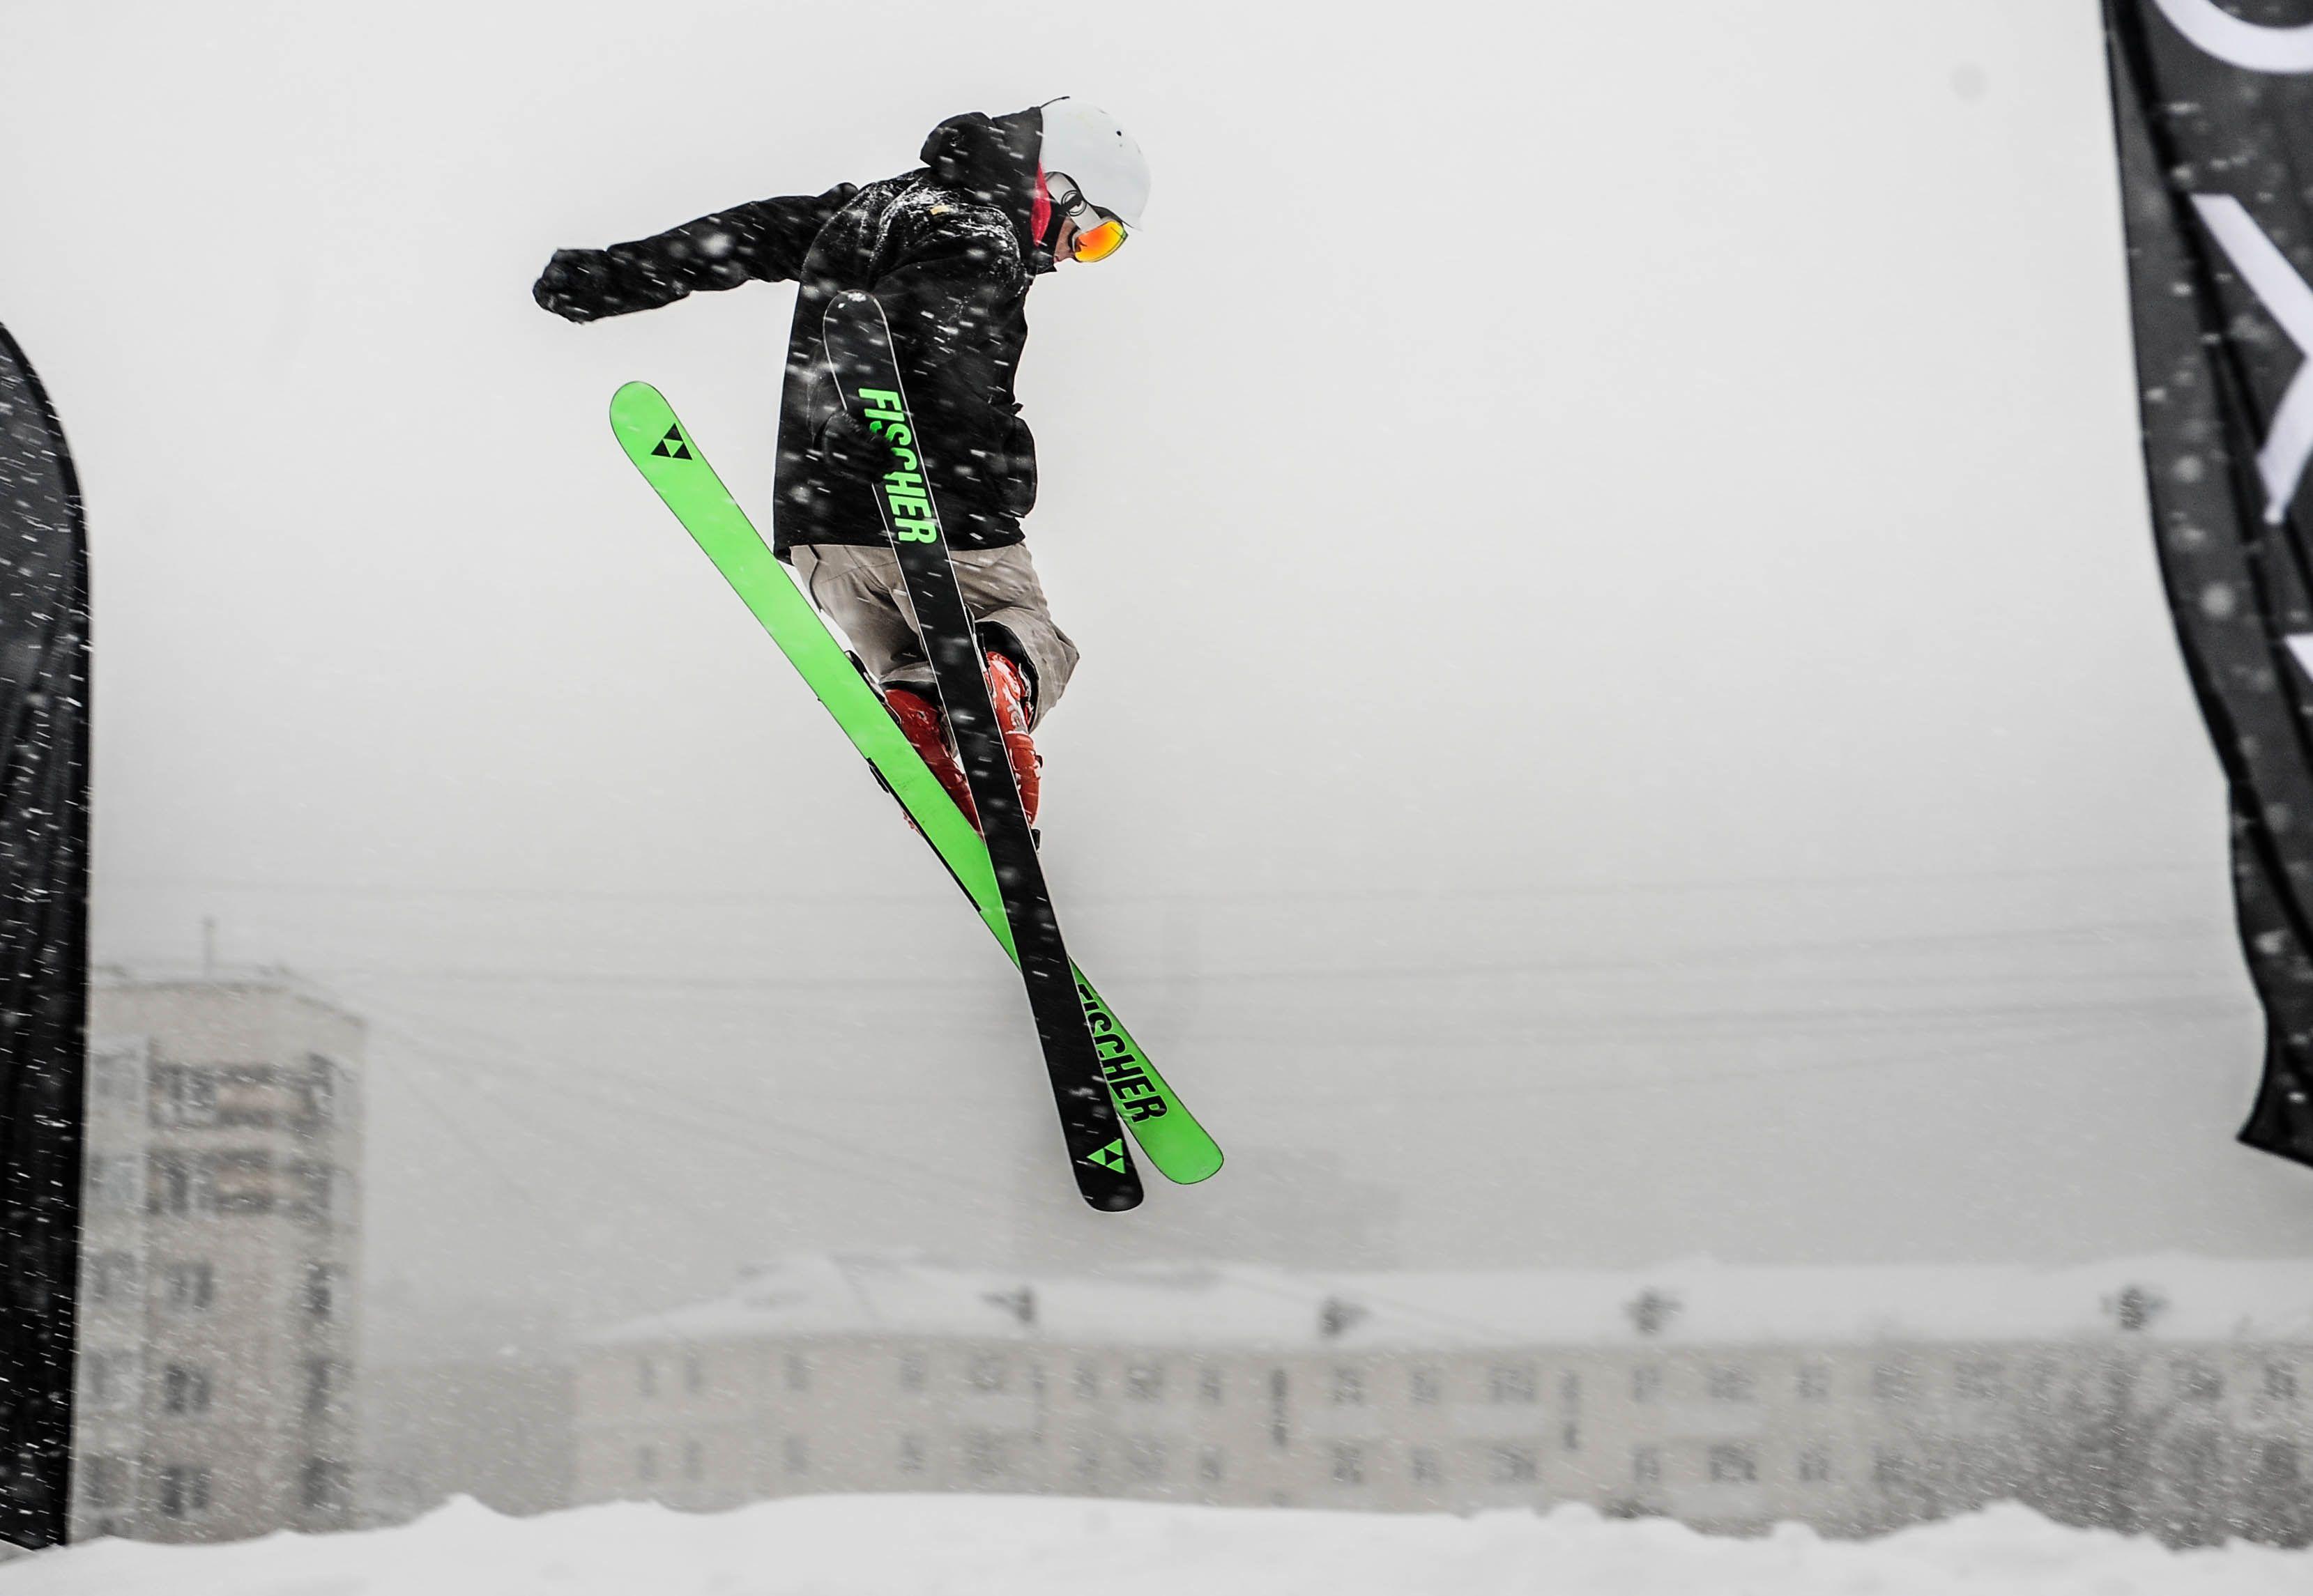 Этап мирового тура по сноуборду состоится в Москве